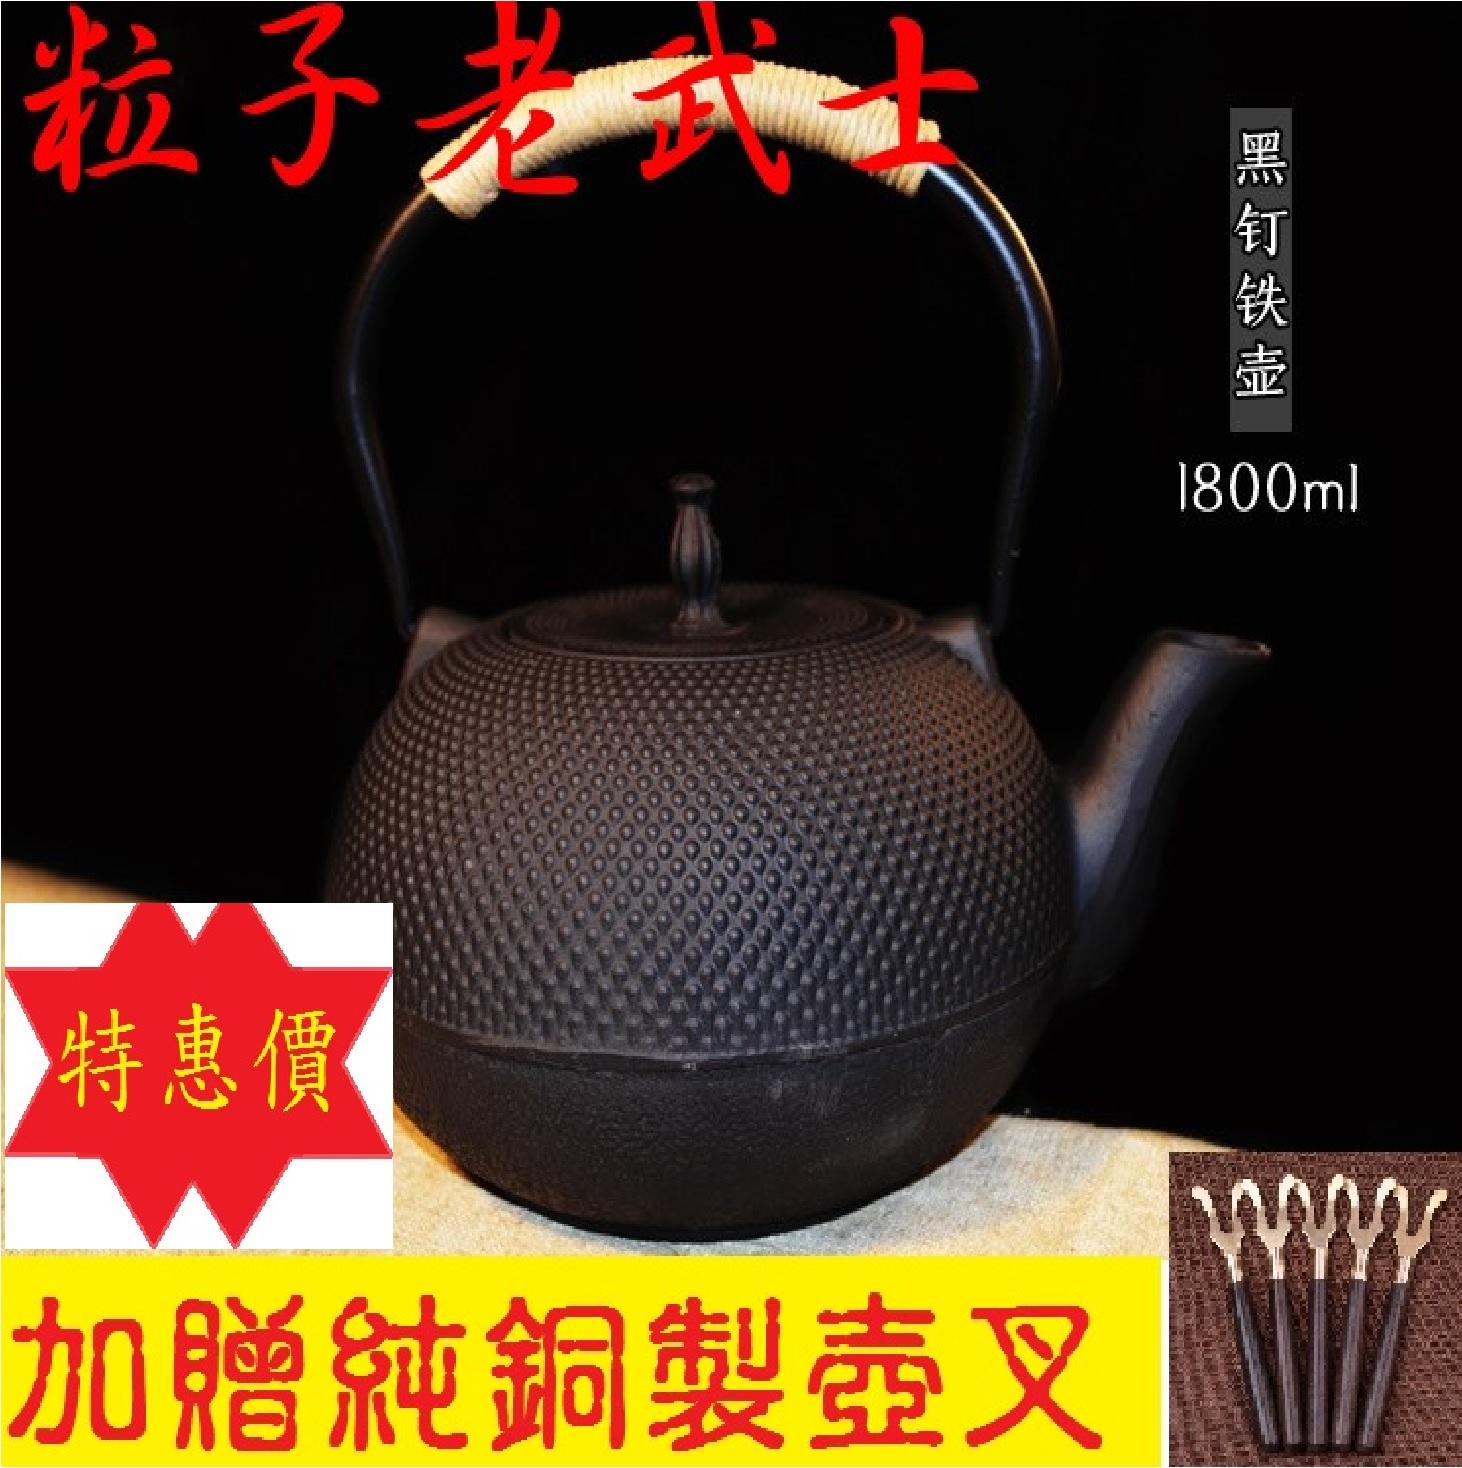 【自在坊】茶具 鑄鐵壺 (1800ml) 大容量 入門款鑄鐵壺 纹扭 經典老武士 無塗層鐵壺 限量10組  超實用